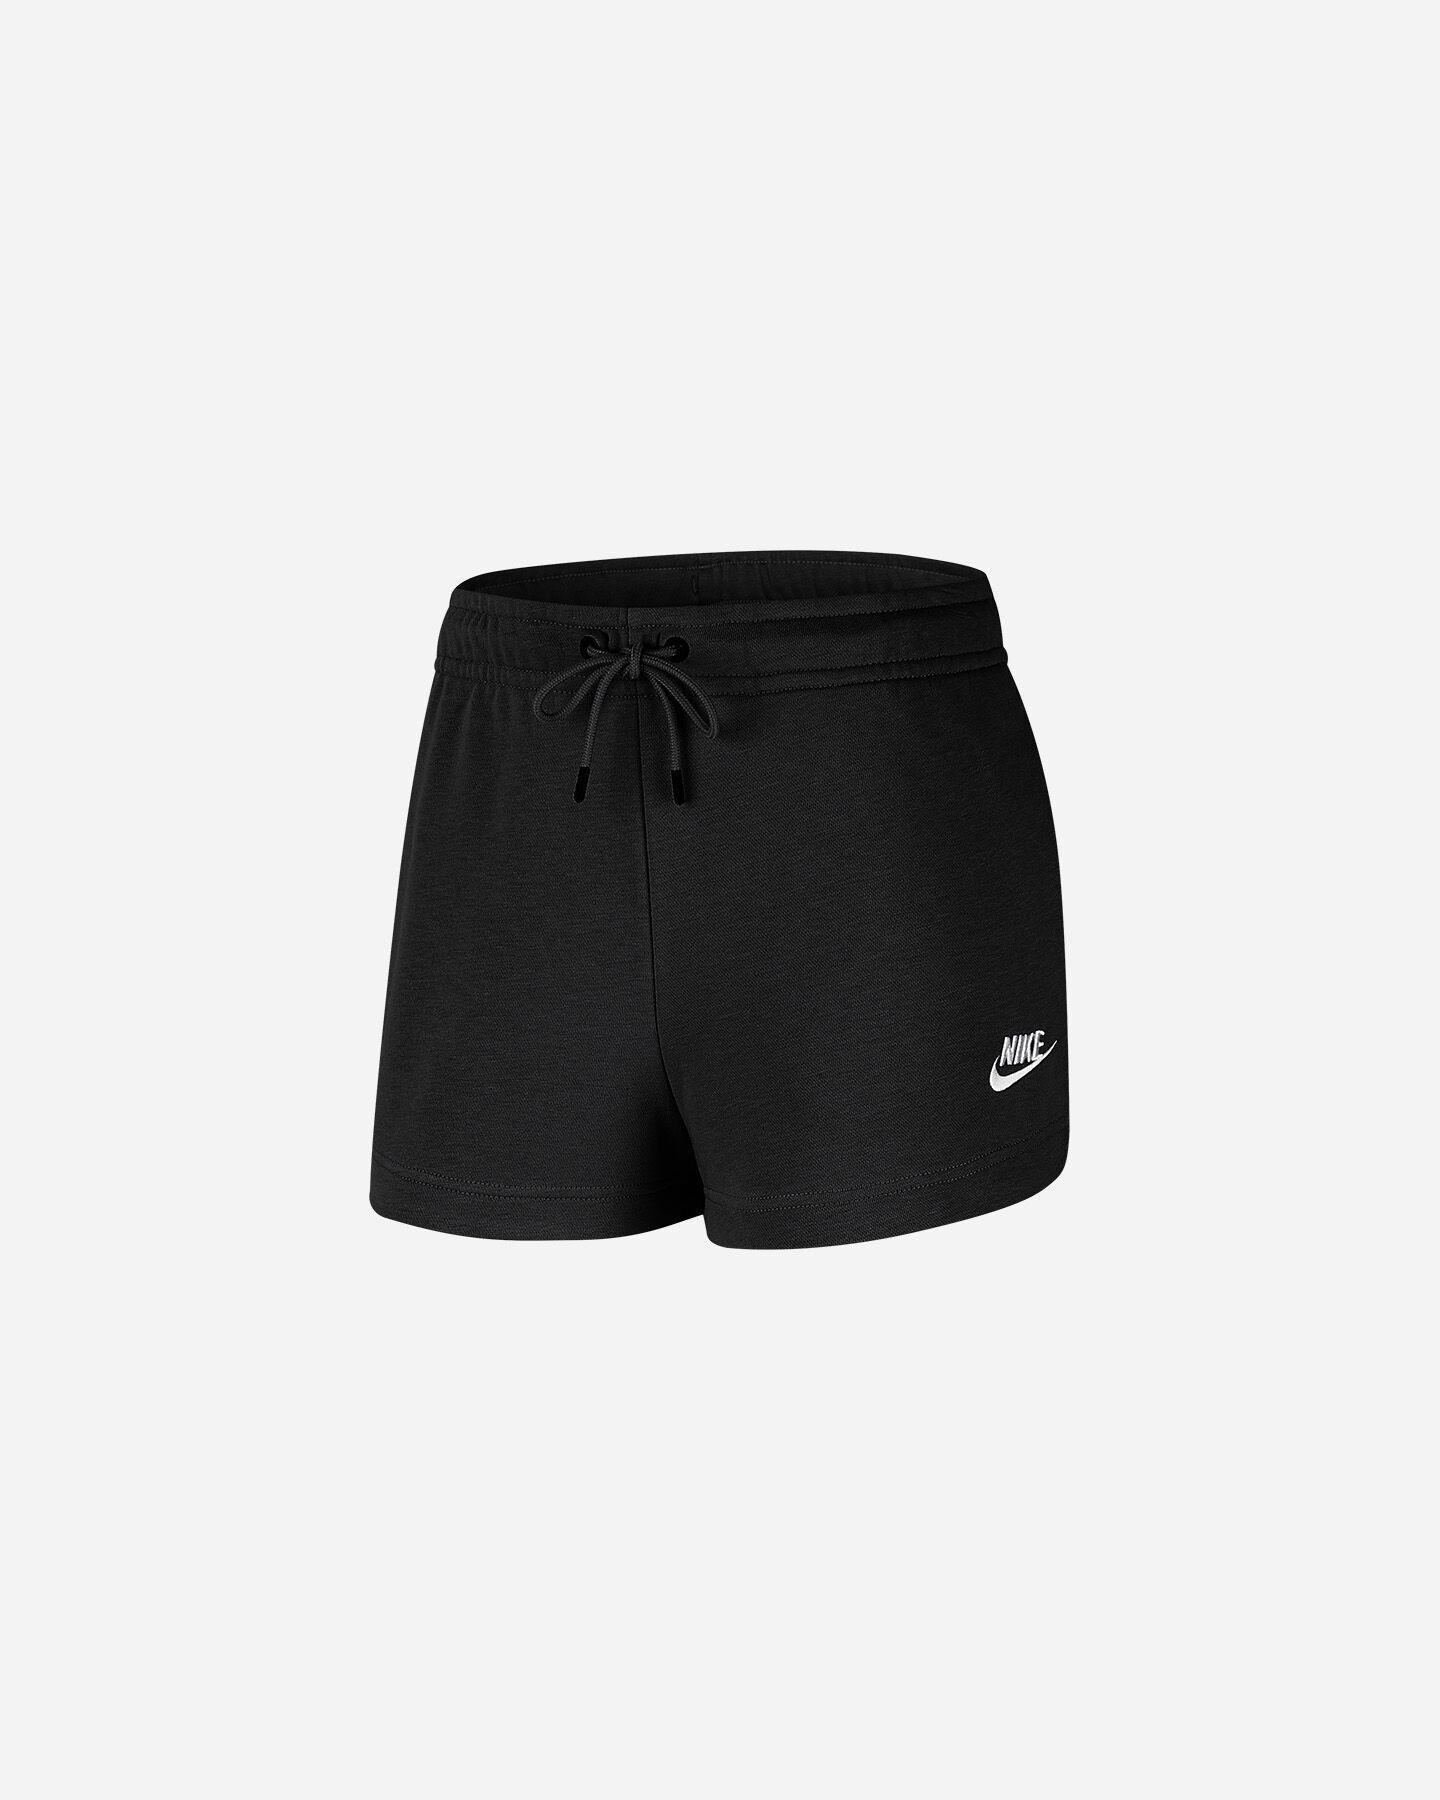 Pantaloncini NIKE SMALL LOGO ESSENTIAL  W S5195832 scatto 0